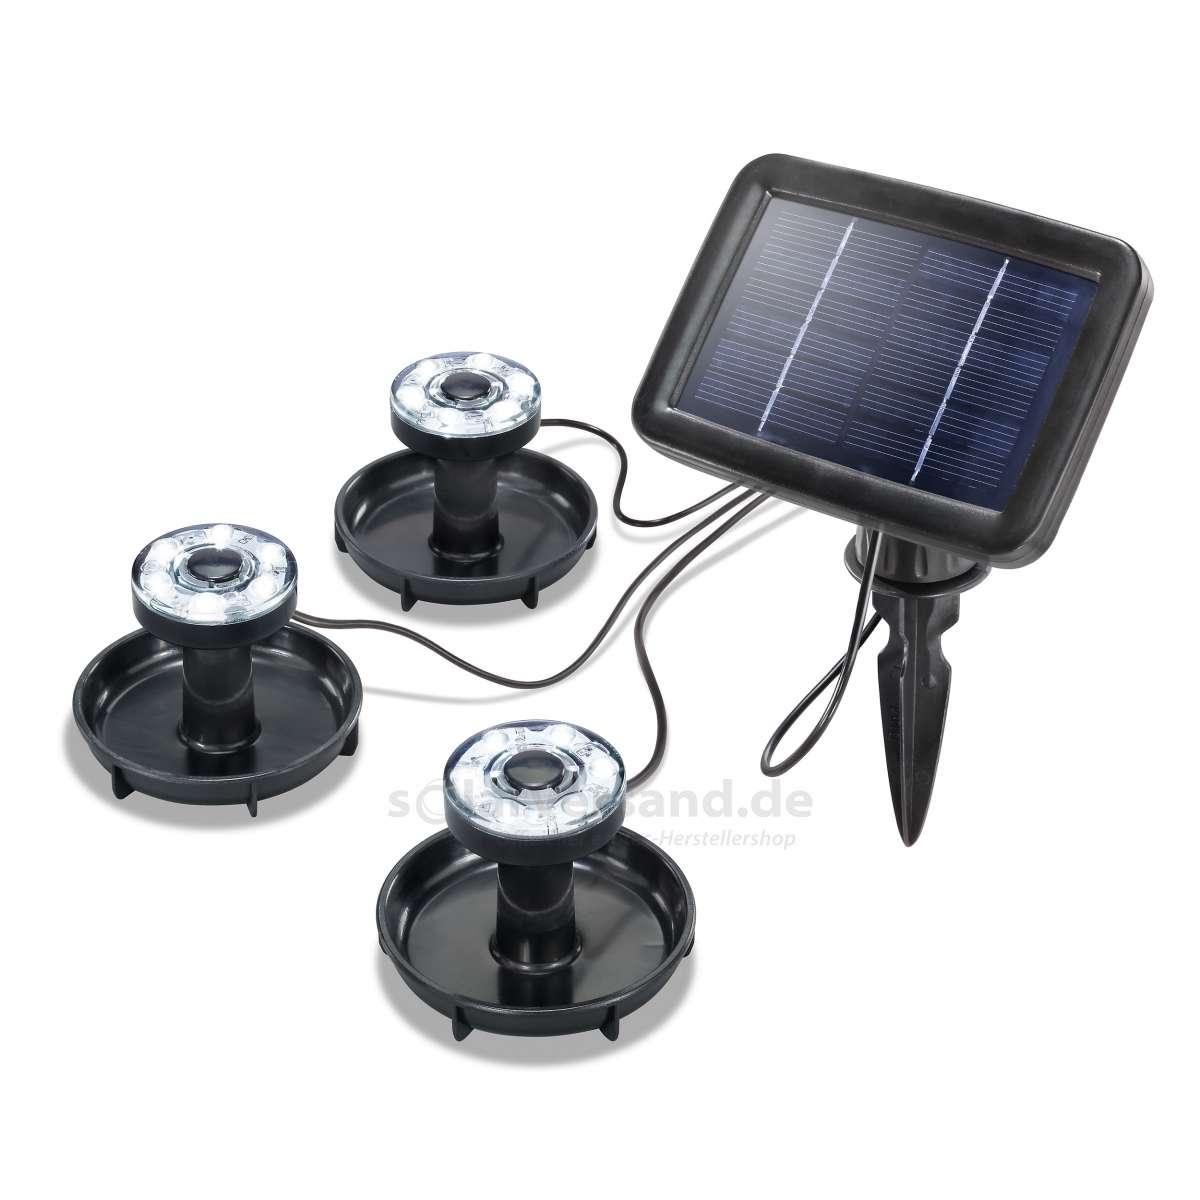 Solární podvodní osvětlení